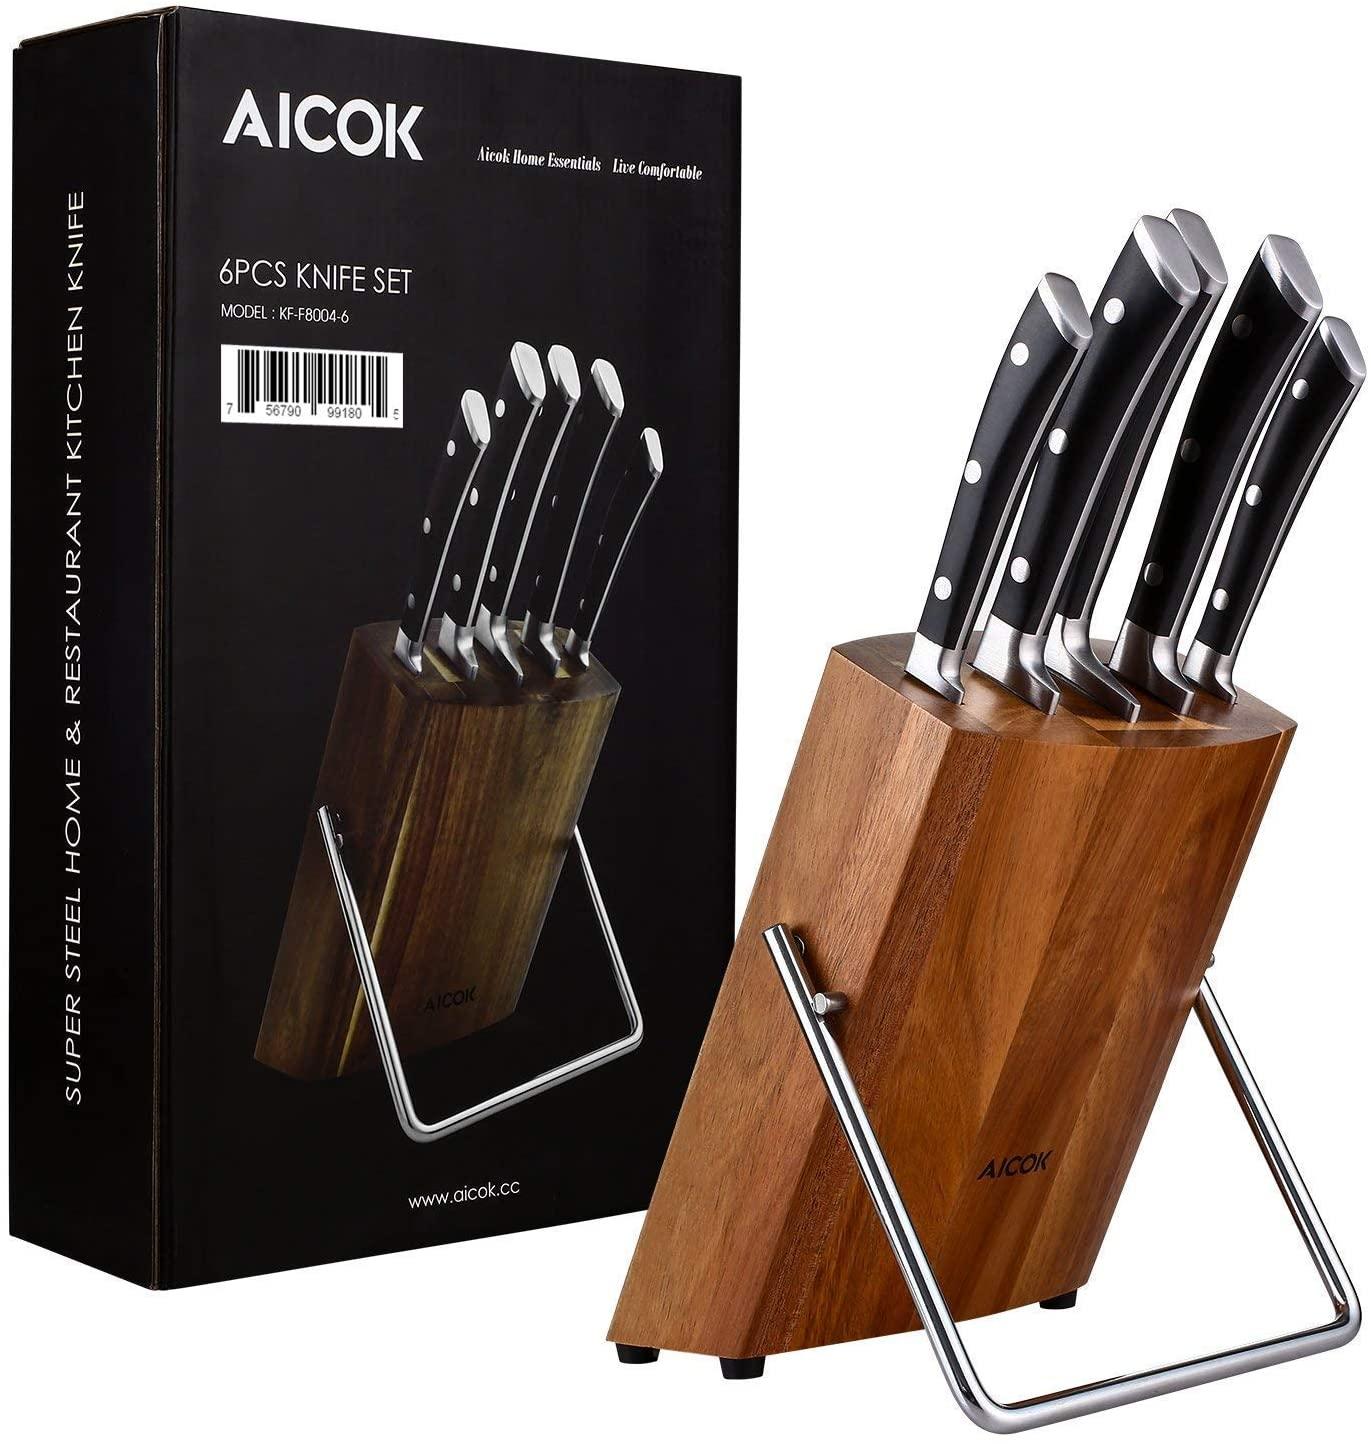 Juego de 6 cuchillos de Aicok